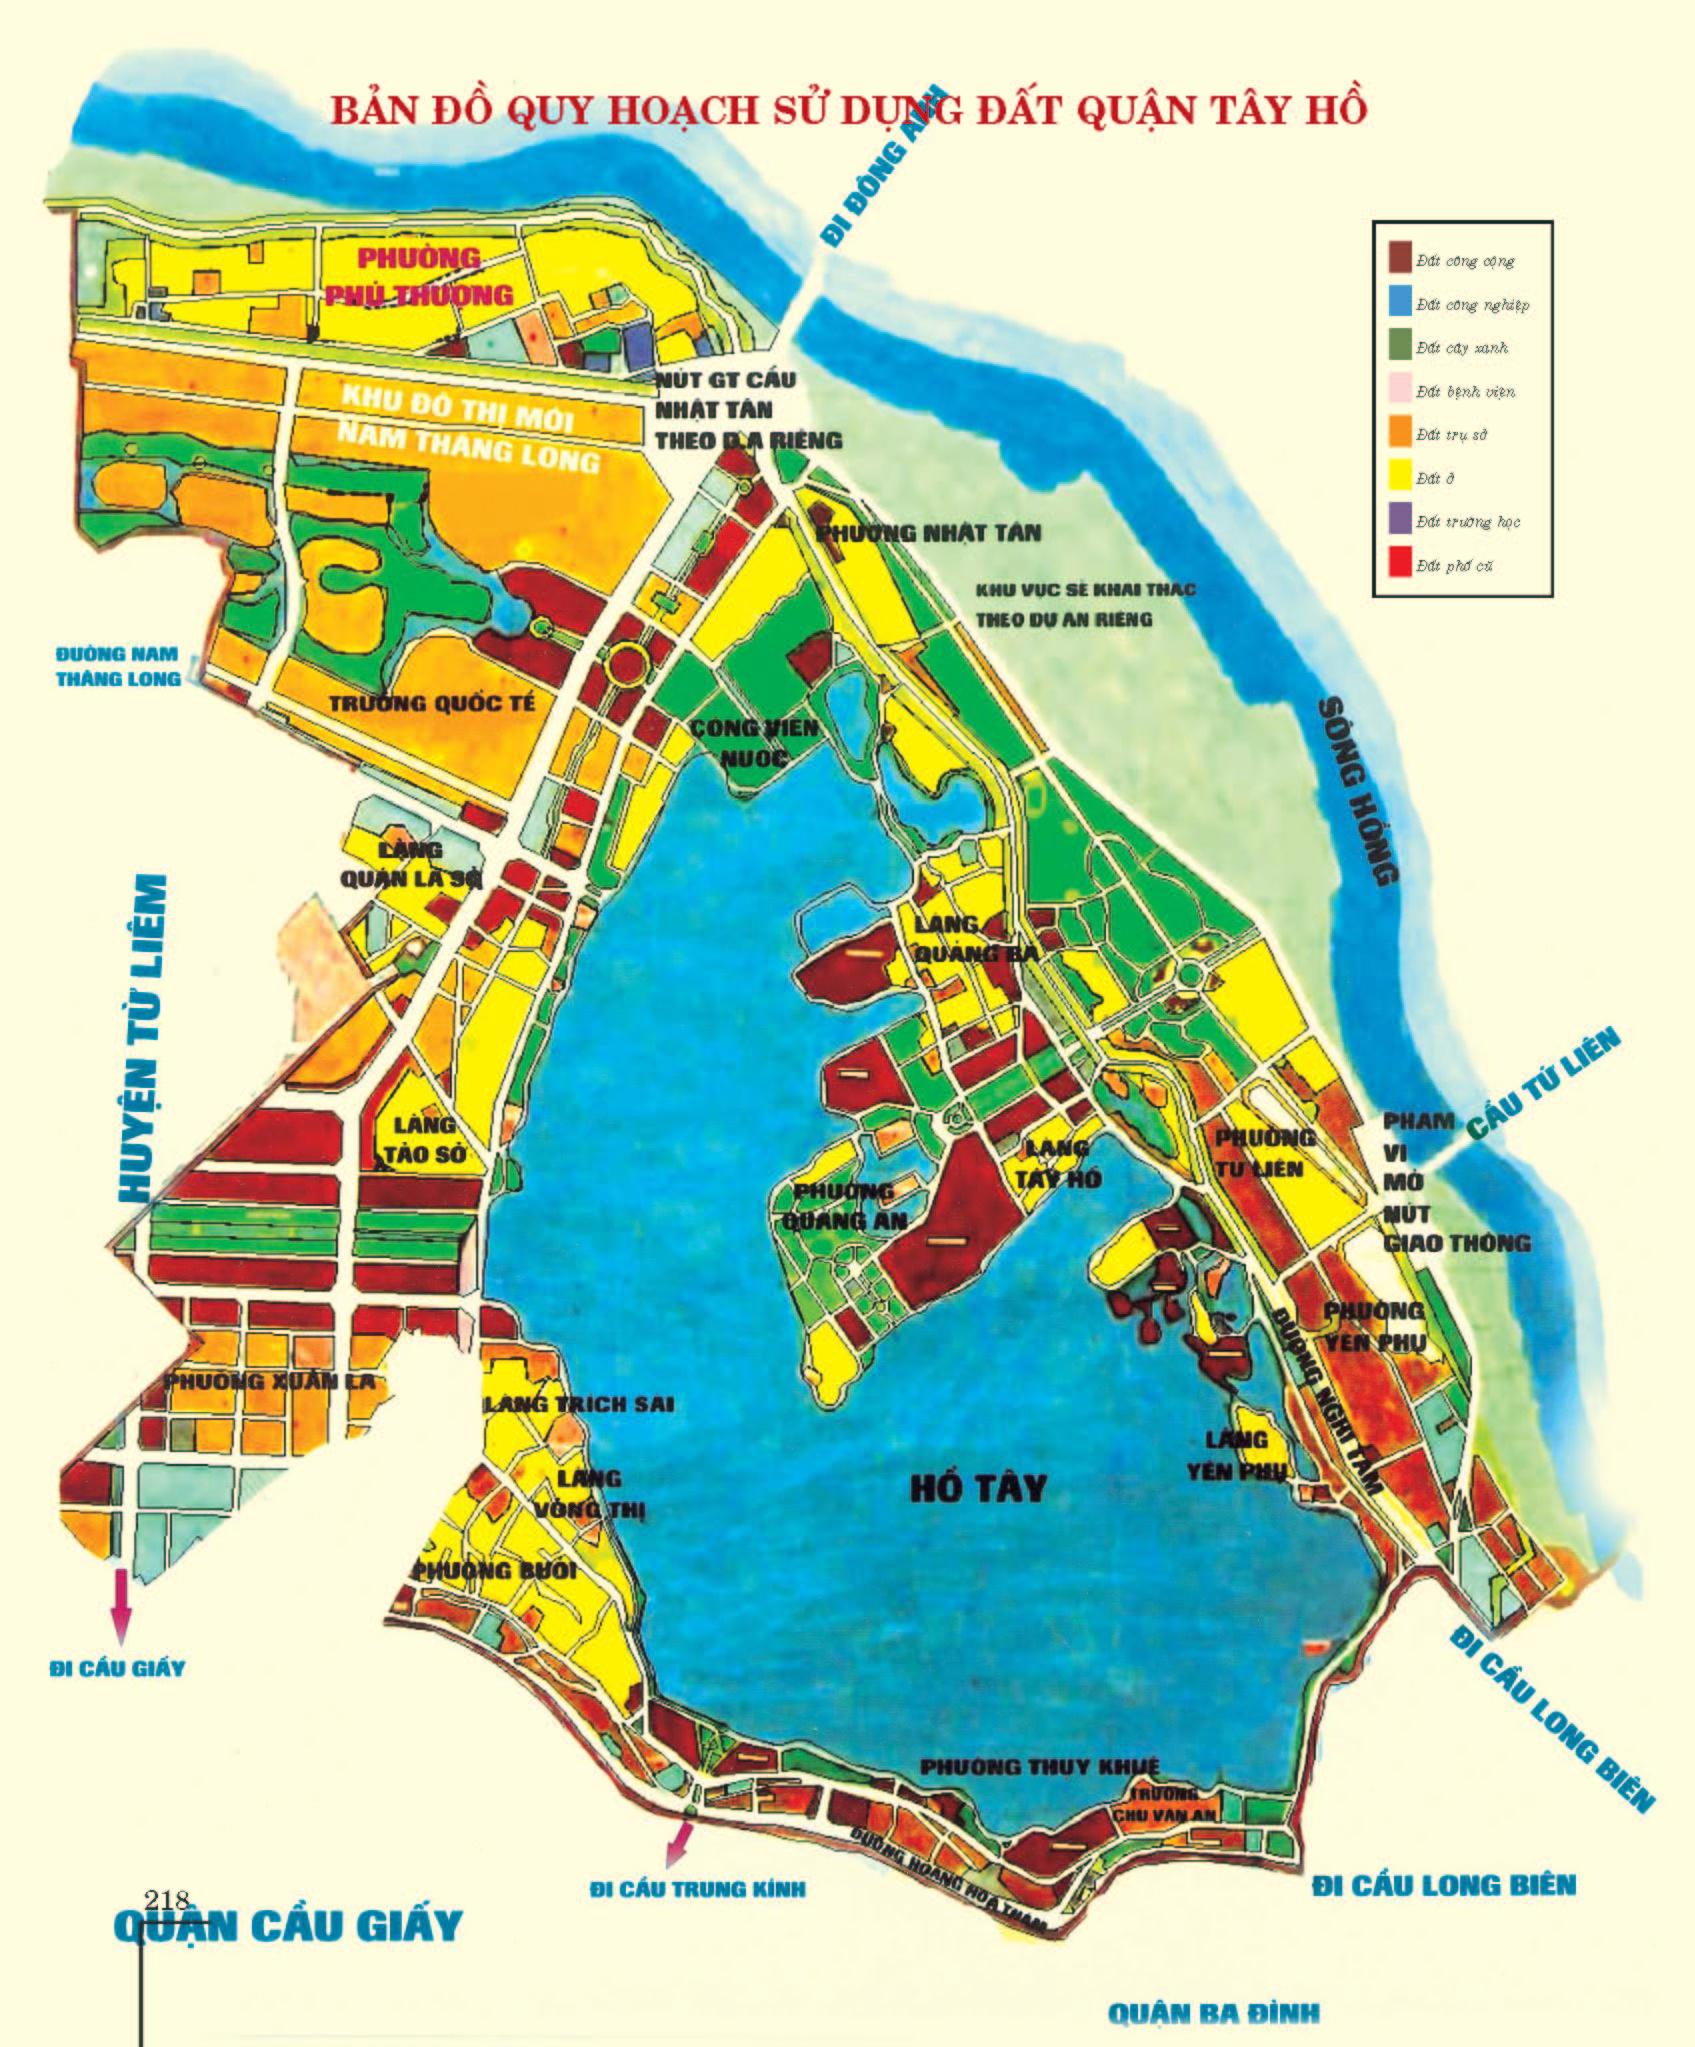 dịch vụ xin giấy phép xây dựng quận tây hồ.